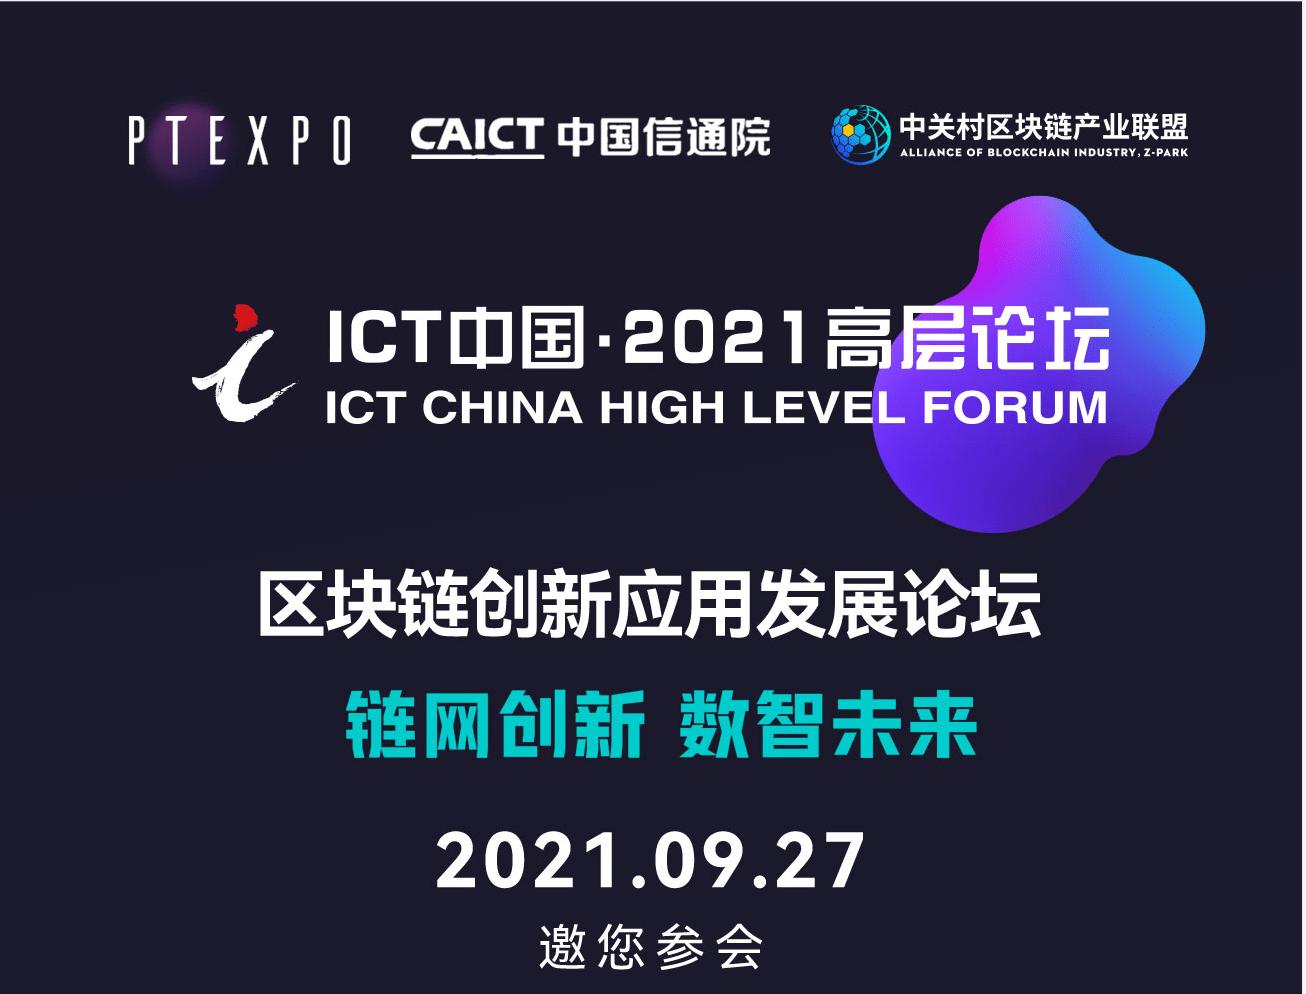 ICT中国·2021高层论坛—ABI区块链创新应用发展论坛27日即将开幕